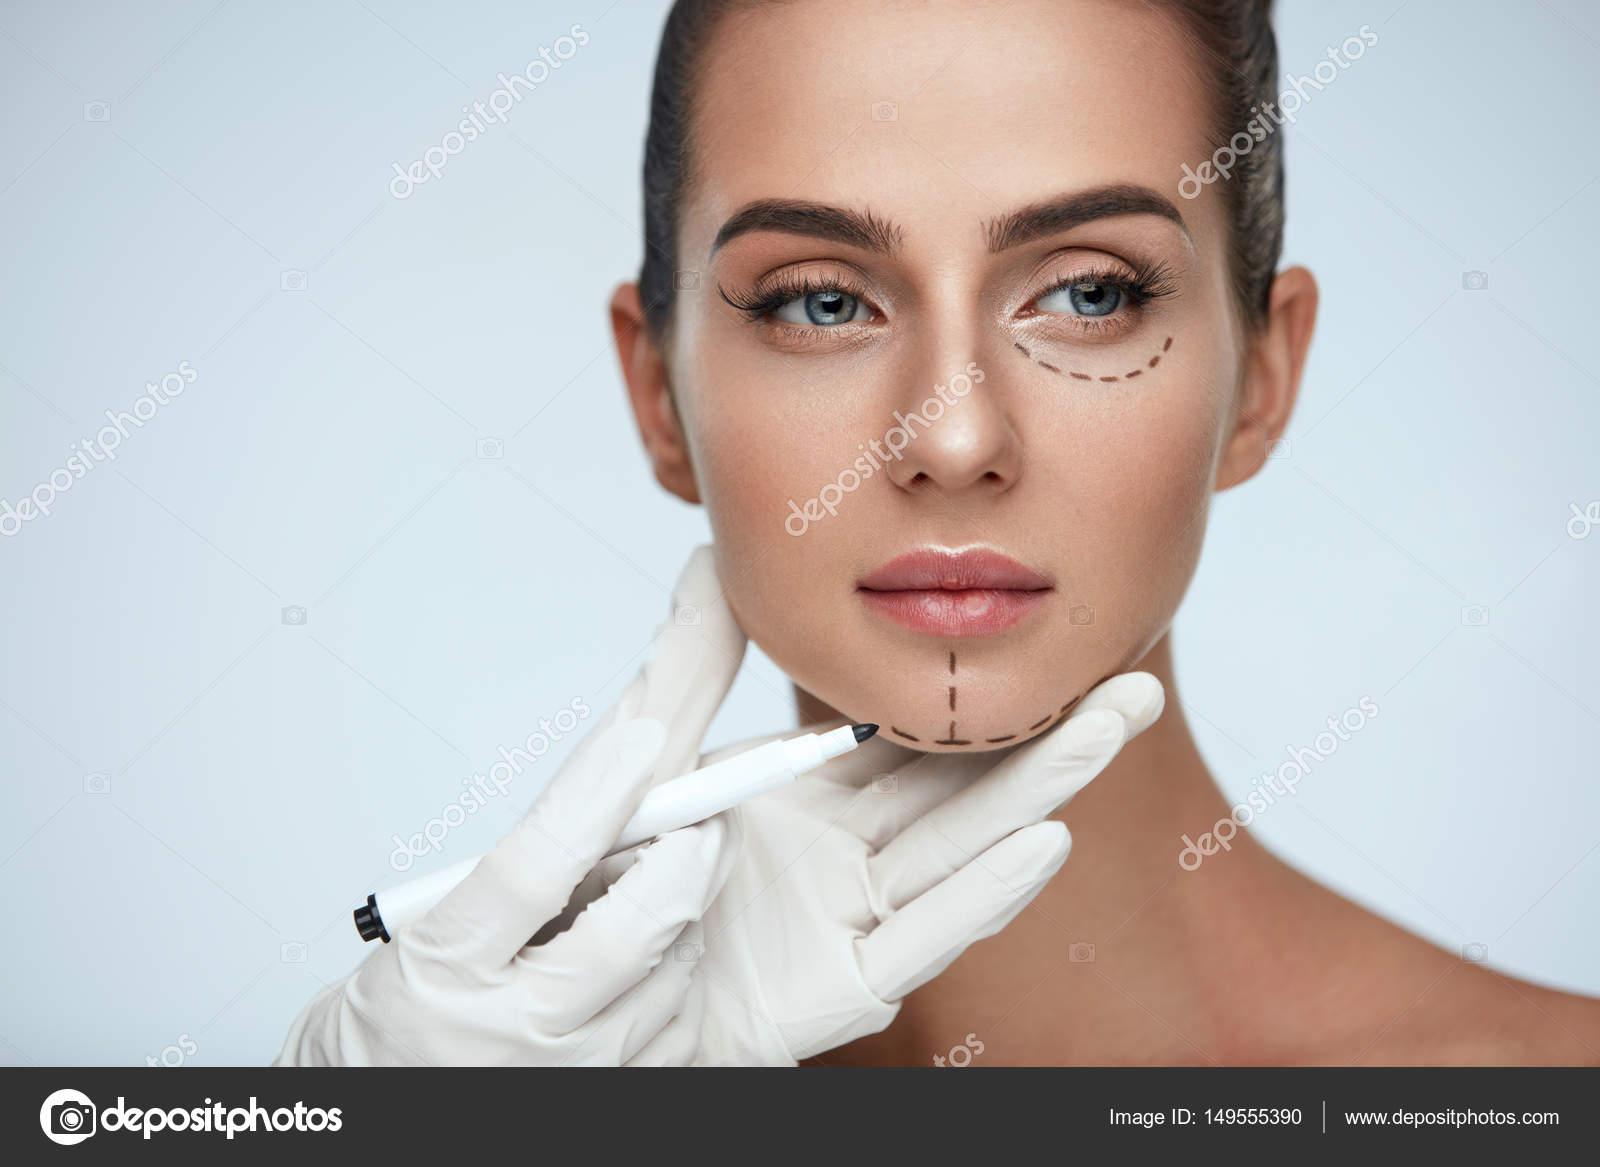 Trattamento Estetista Disegno Linee Chirurgica Sul Fronte Della